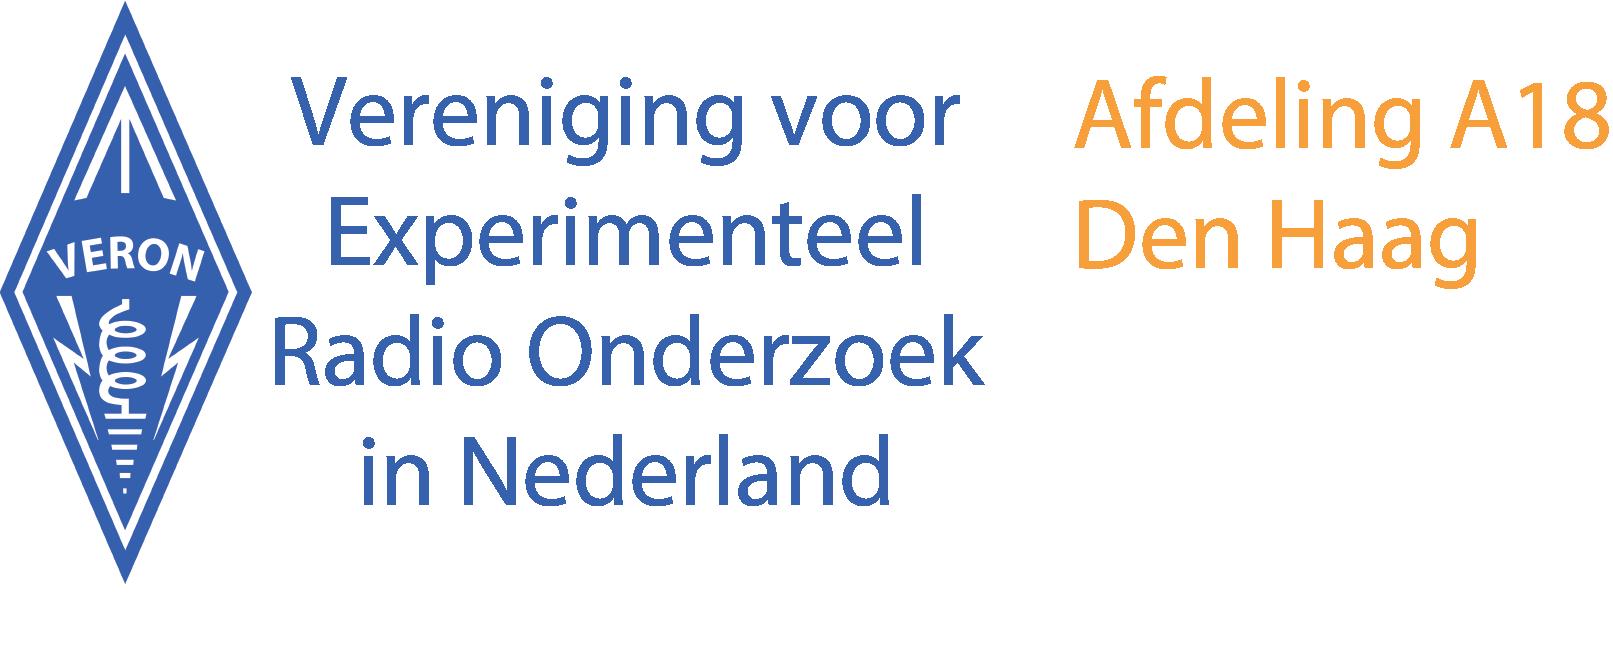 VERON a18 - Den Haag